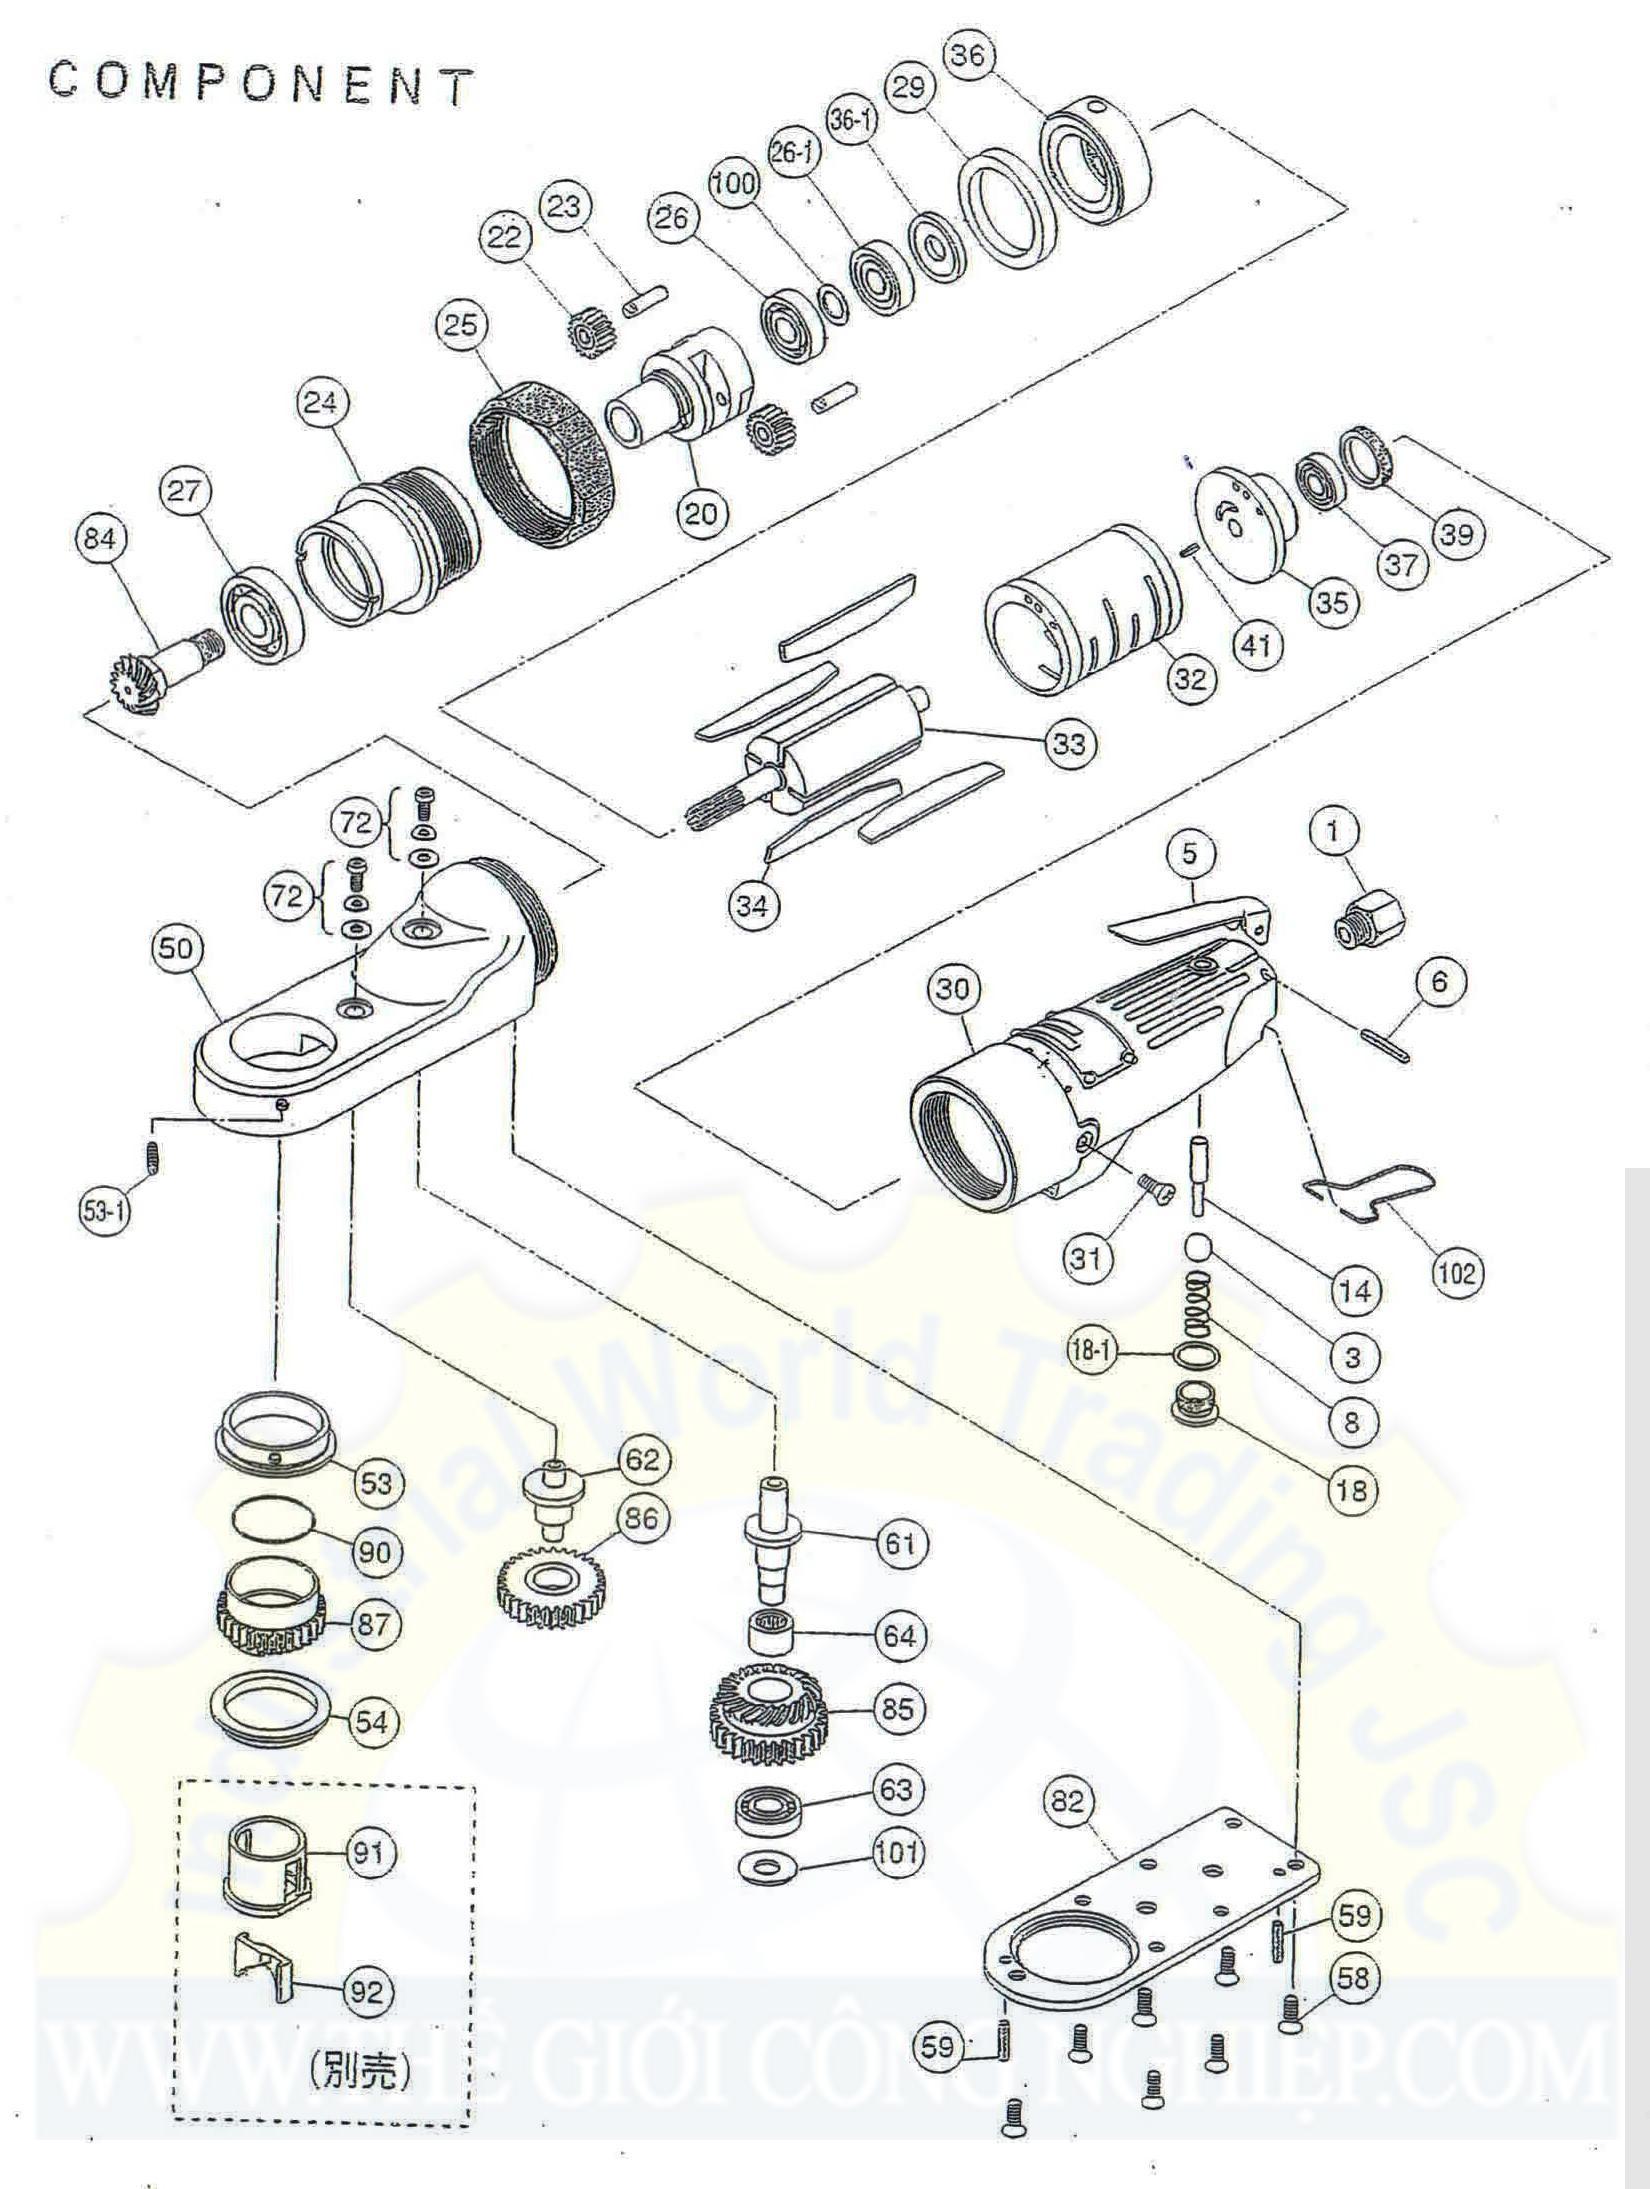 Pinion gear Part No. 84 Meiku